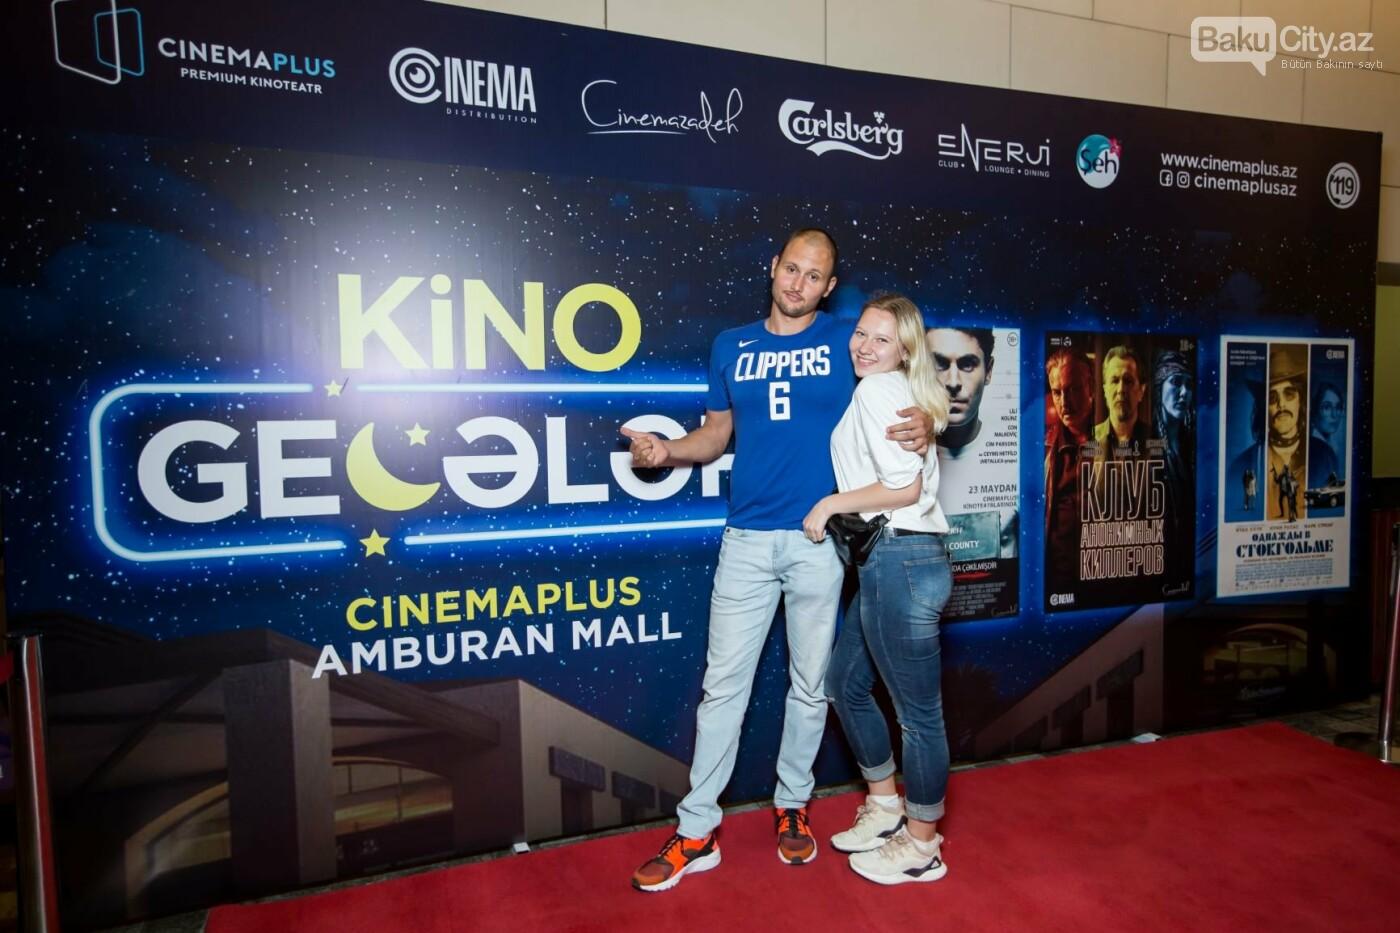 """Bakıda üç filmin nümayişi ilə """"Kino Gecəsi"""" keçirildi - FOTO, fotoşəkil-21"""